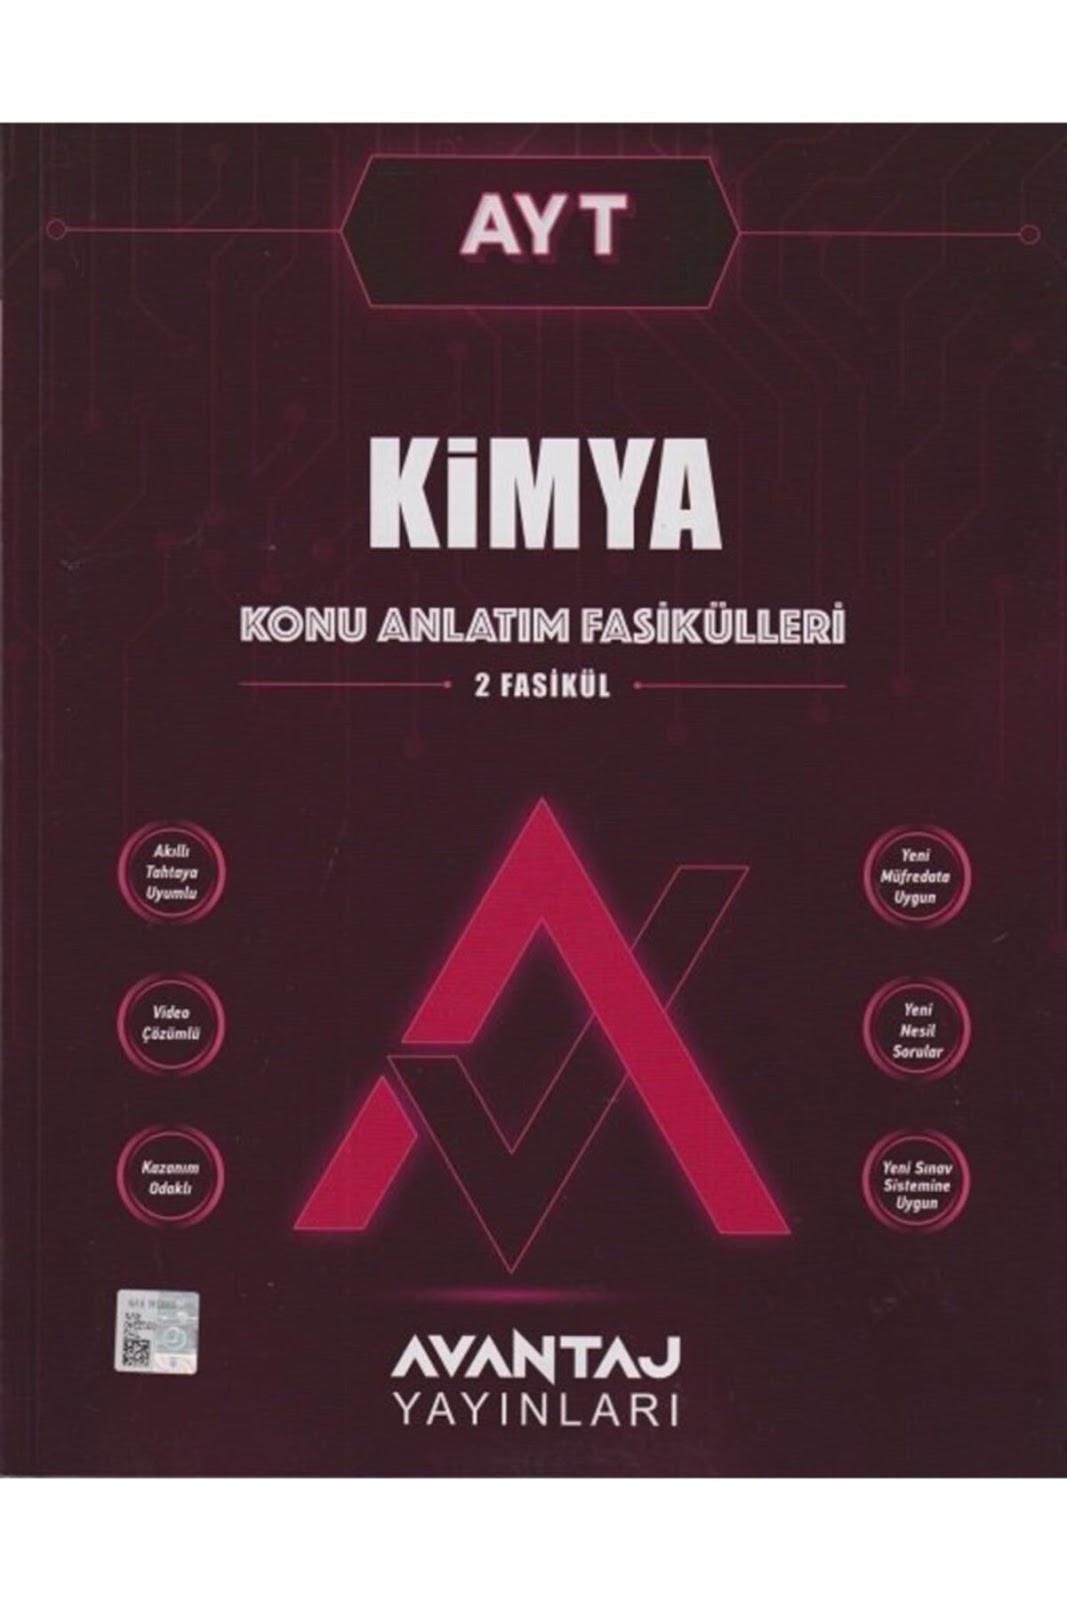 Avantaj Yayınları - AYT Kimya - Konu Anlatım Fasikülleri